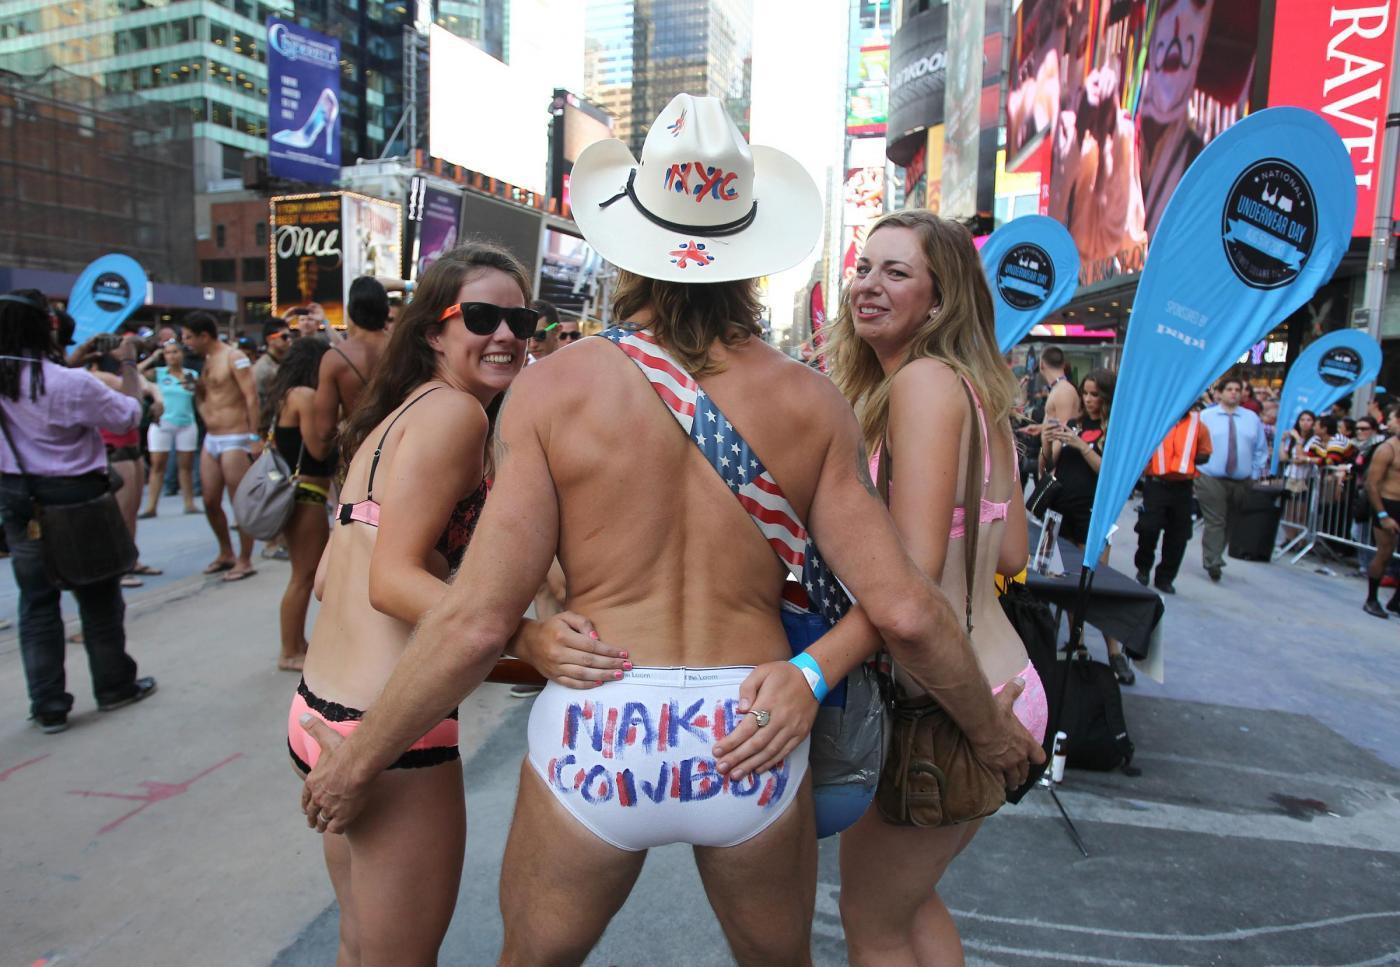 New York, sfilata in boxer e reggiseno a Times Square01